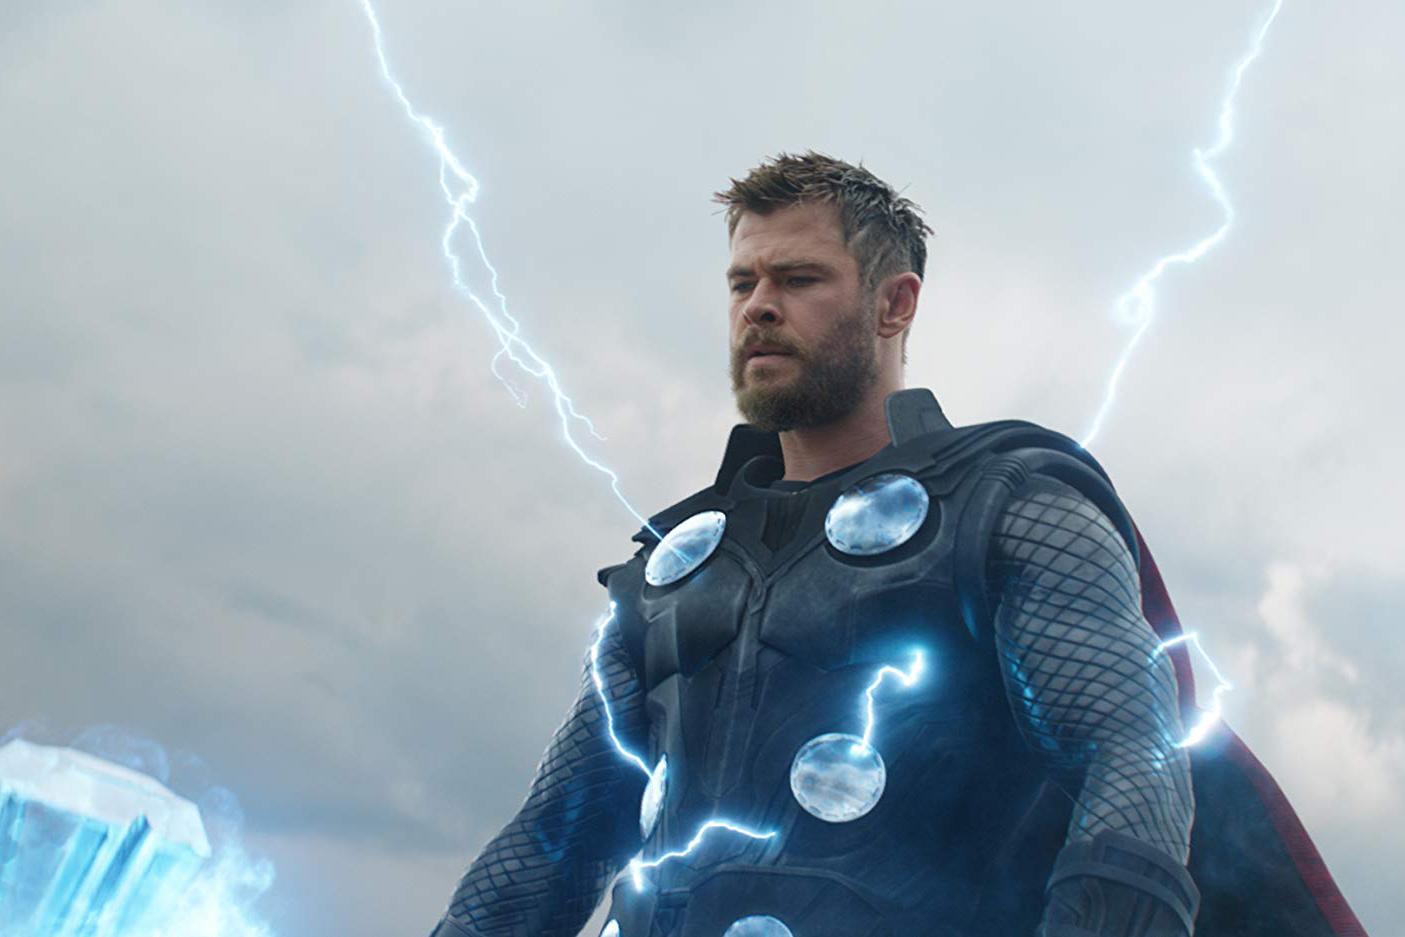 Still 12 for Avengers: Endgame